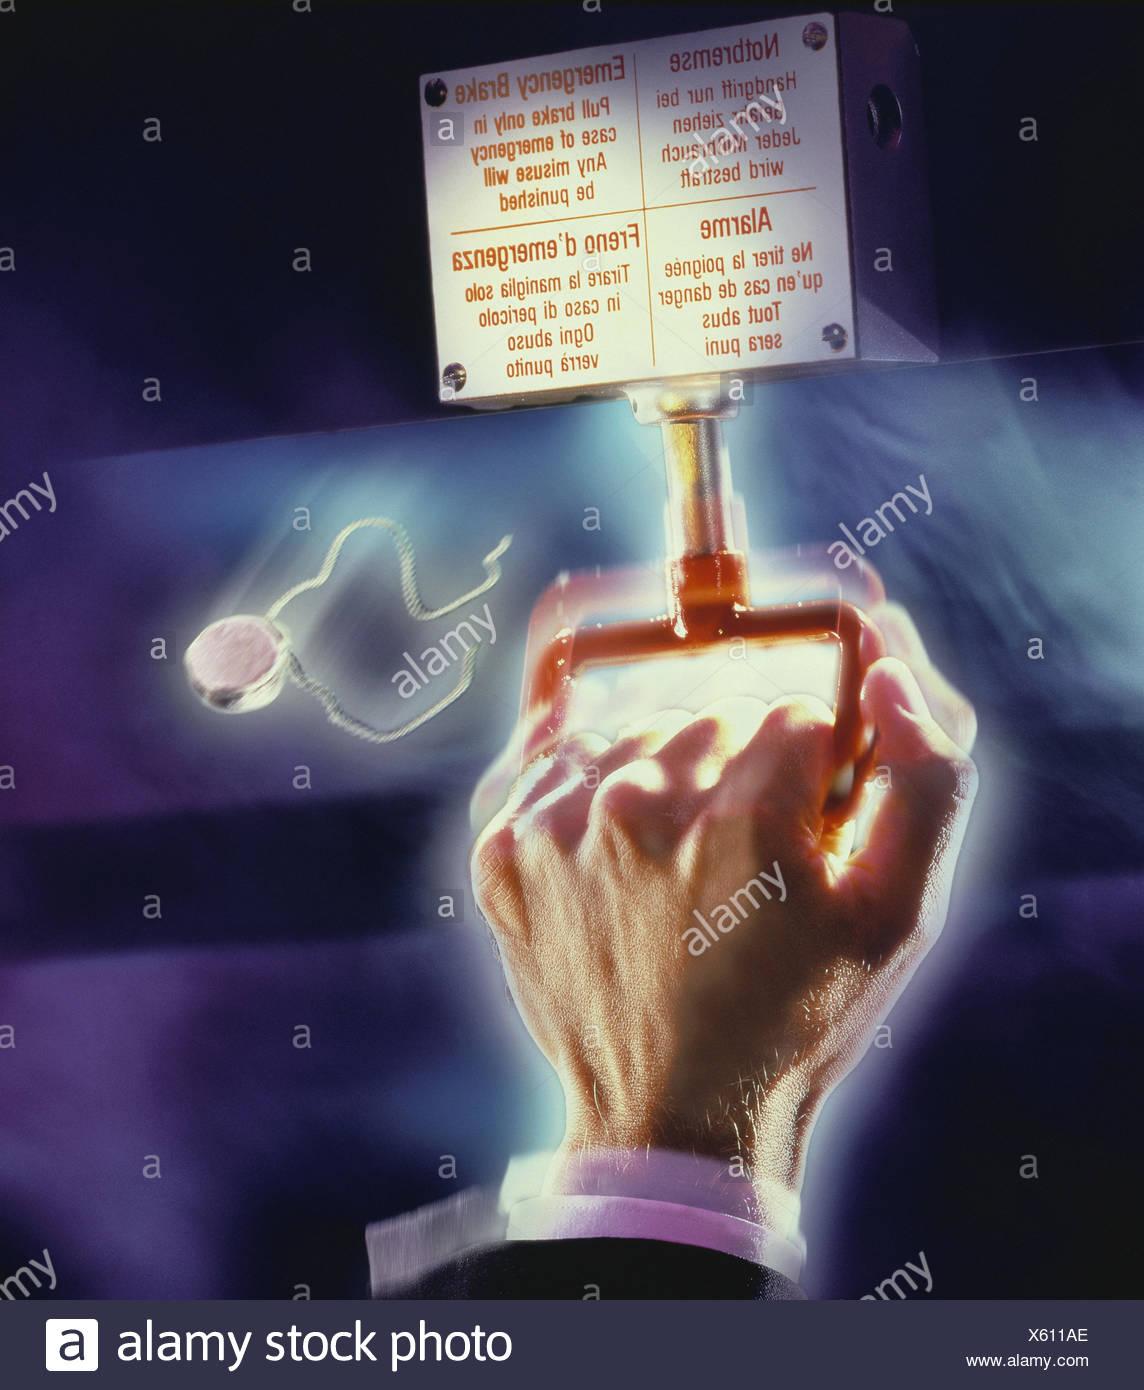 Mann, Detail, Hand, eklatante foul ziehen, füllen, [M], Mann's hand, Bremse, Notstromversorgung füllen, backup-Dichtungen, manövrieren, drücken, stoppen, Bremsen, stoppt, Gefahr, Gefahr Lage, Gefahr, Zug, Mittel Transport, öffentlich, motion, Nahaufnahme, innen Stockbild